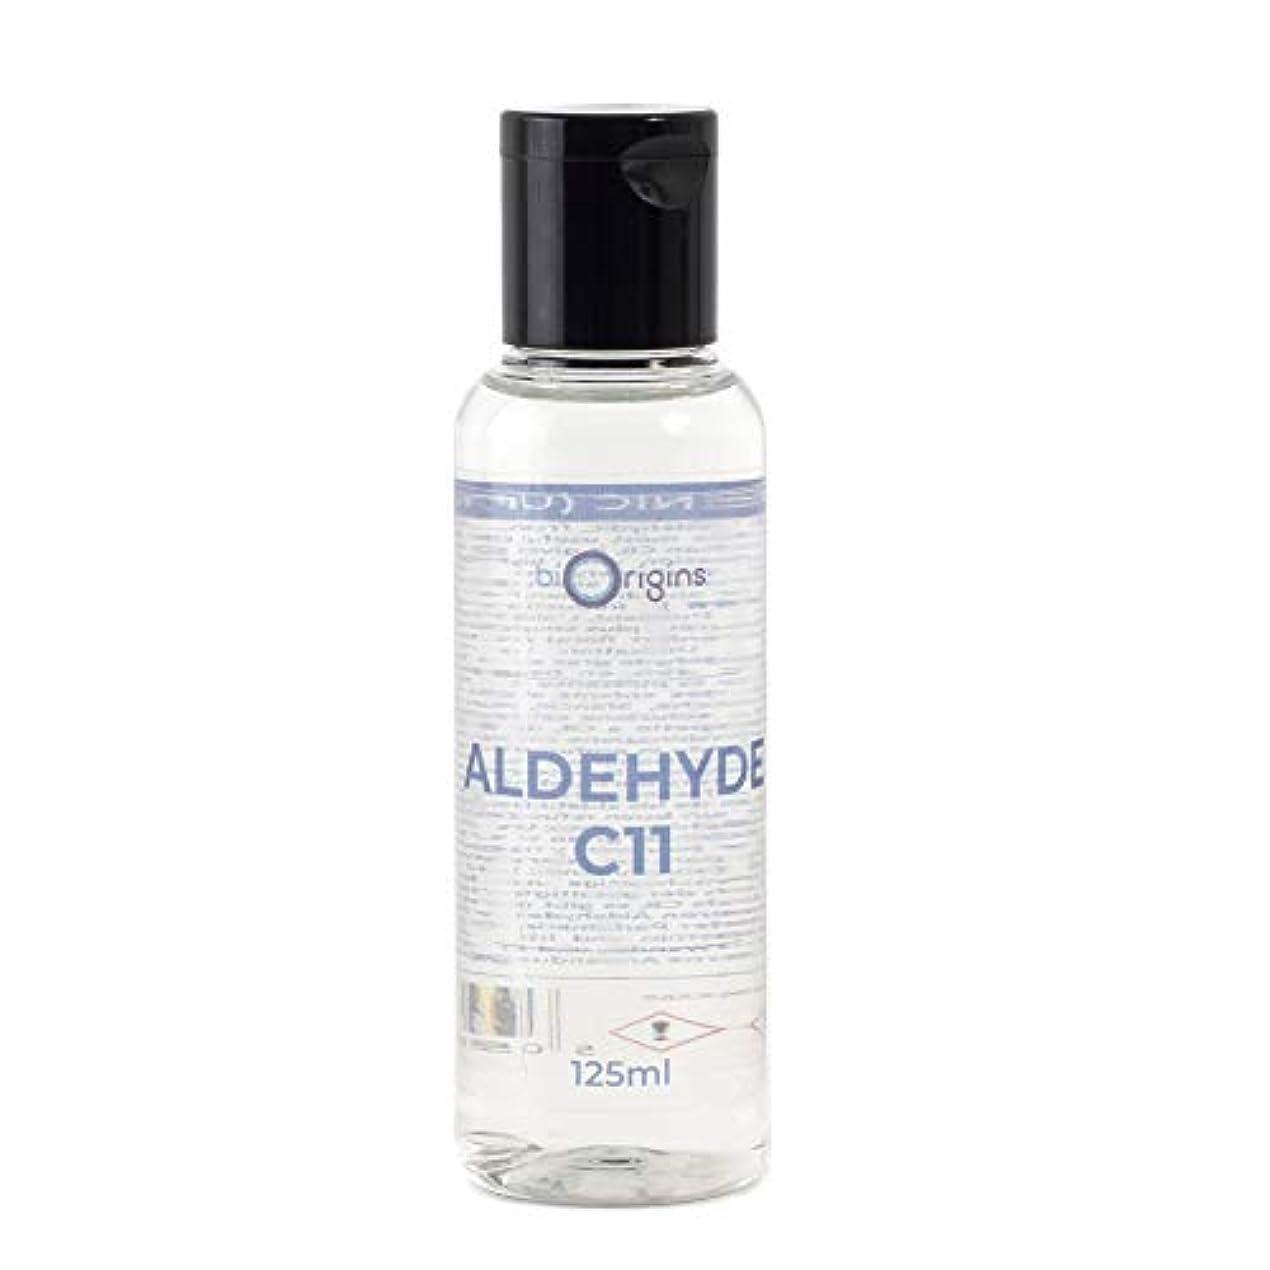 ジョージハンブリー外交レバーMystic Moments | Aldehyde C11 ENIC (Undecenal) - 125ml